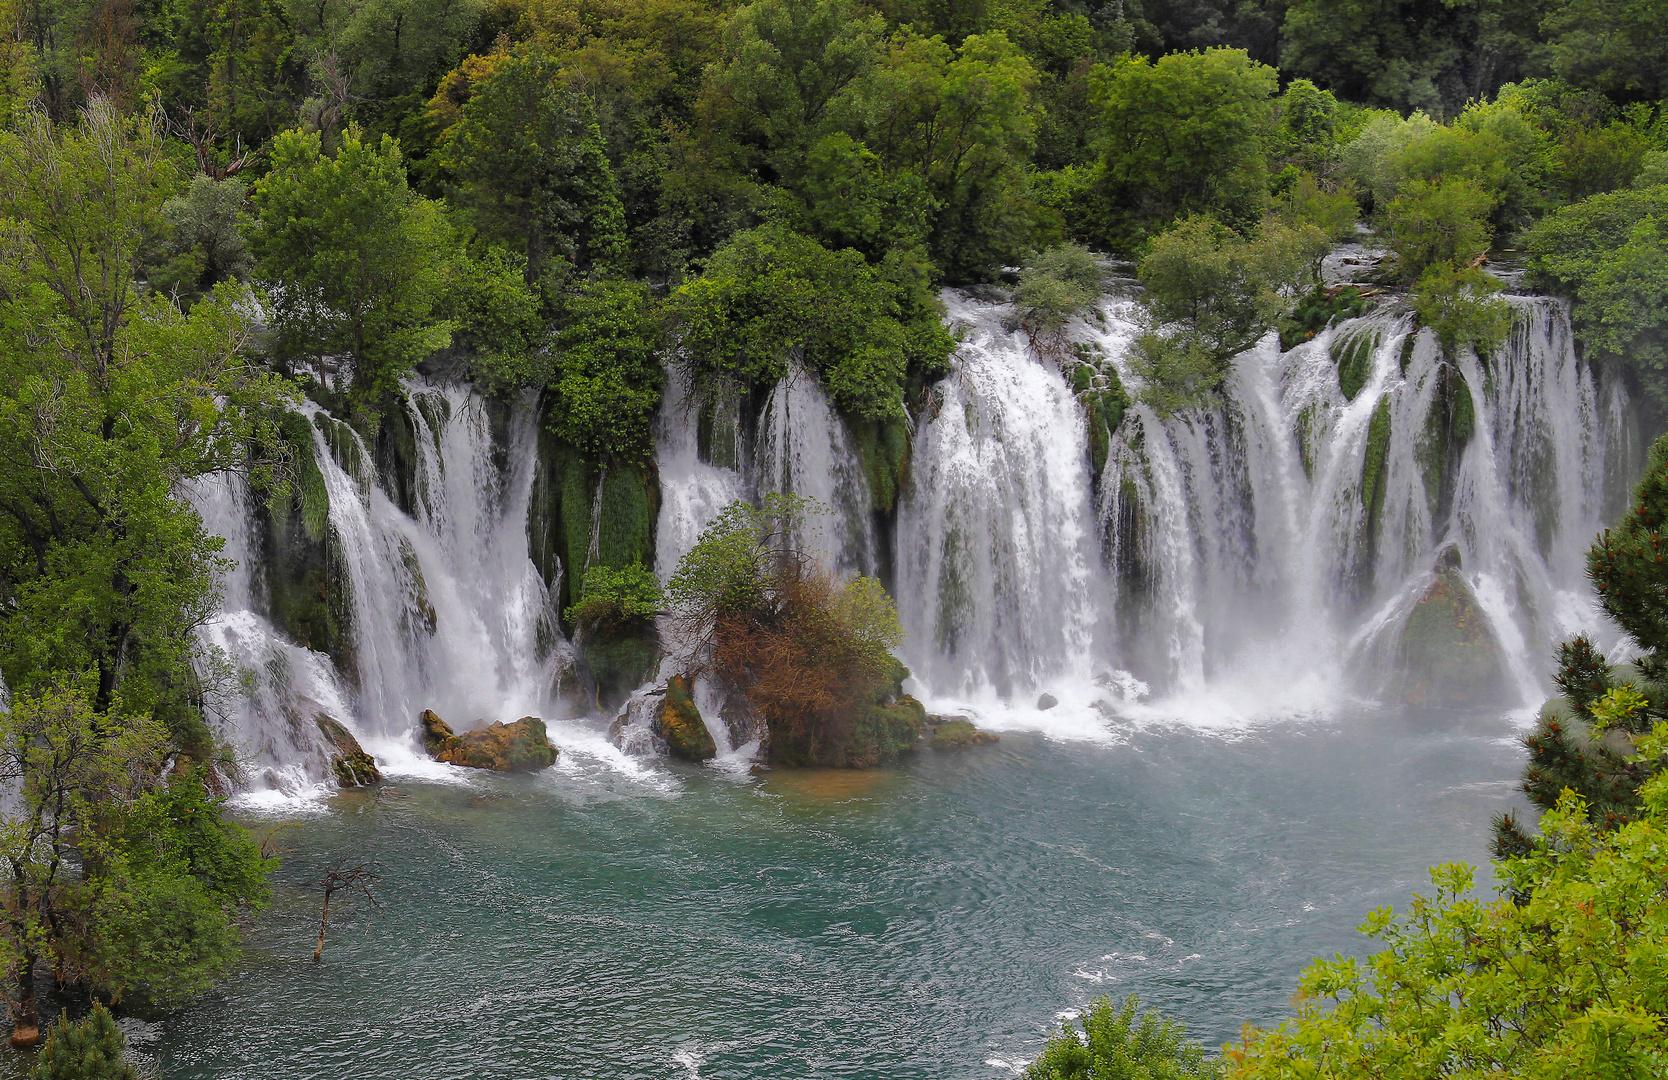 Kravica Wasserfall in Bosnien-Herzegowina